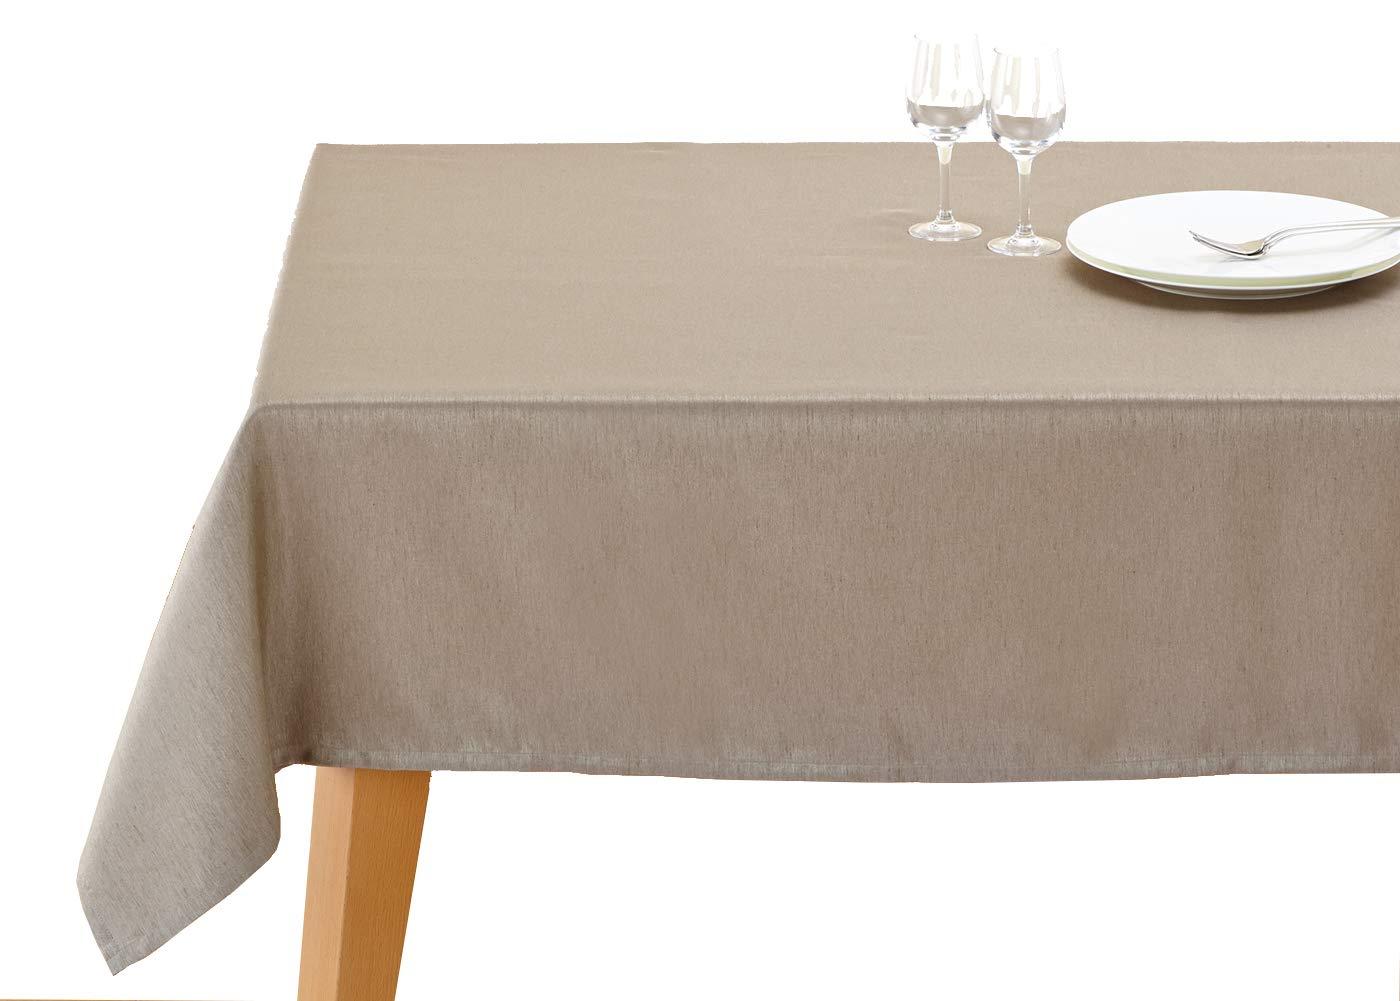 テーブルクロス ブルーミング中西 撥水加工 (日本製) 長方形 無地 シノノメ 柄 [シワになりにくい] 140×200cm ライトブラウン  ライトブラウン B00PRVO8D2